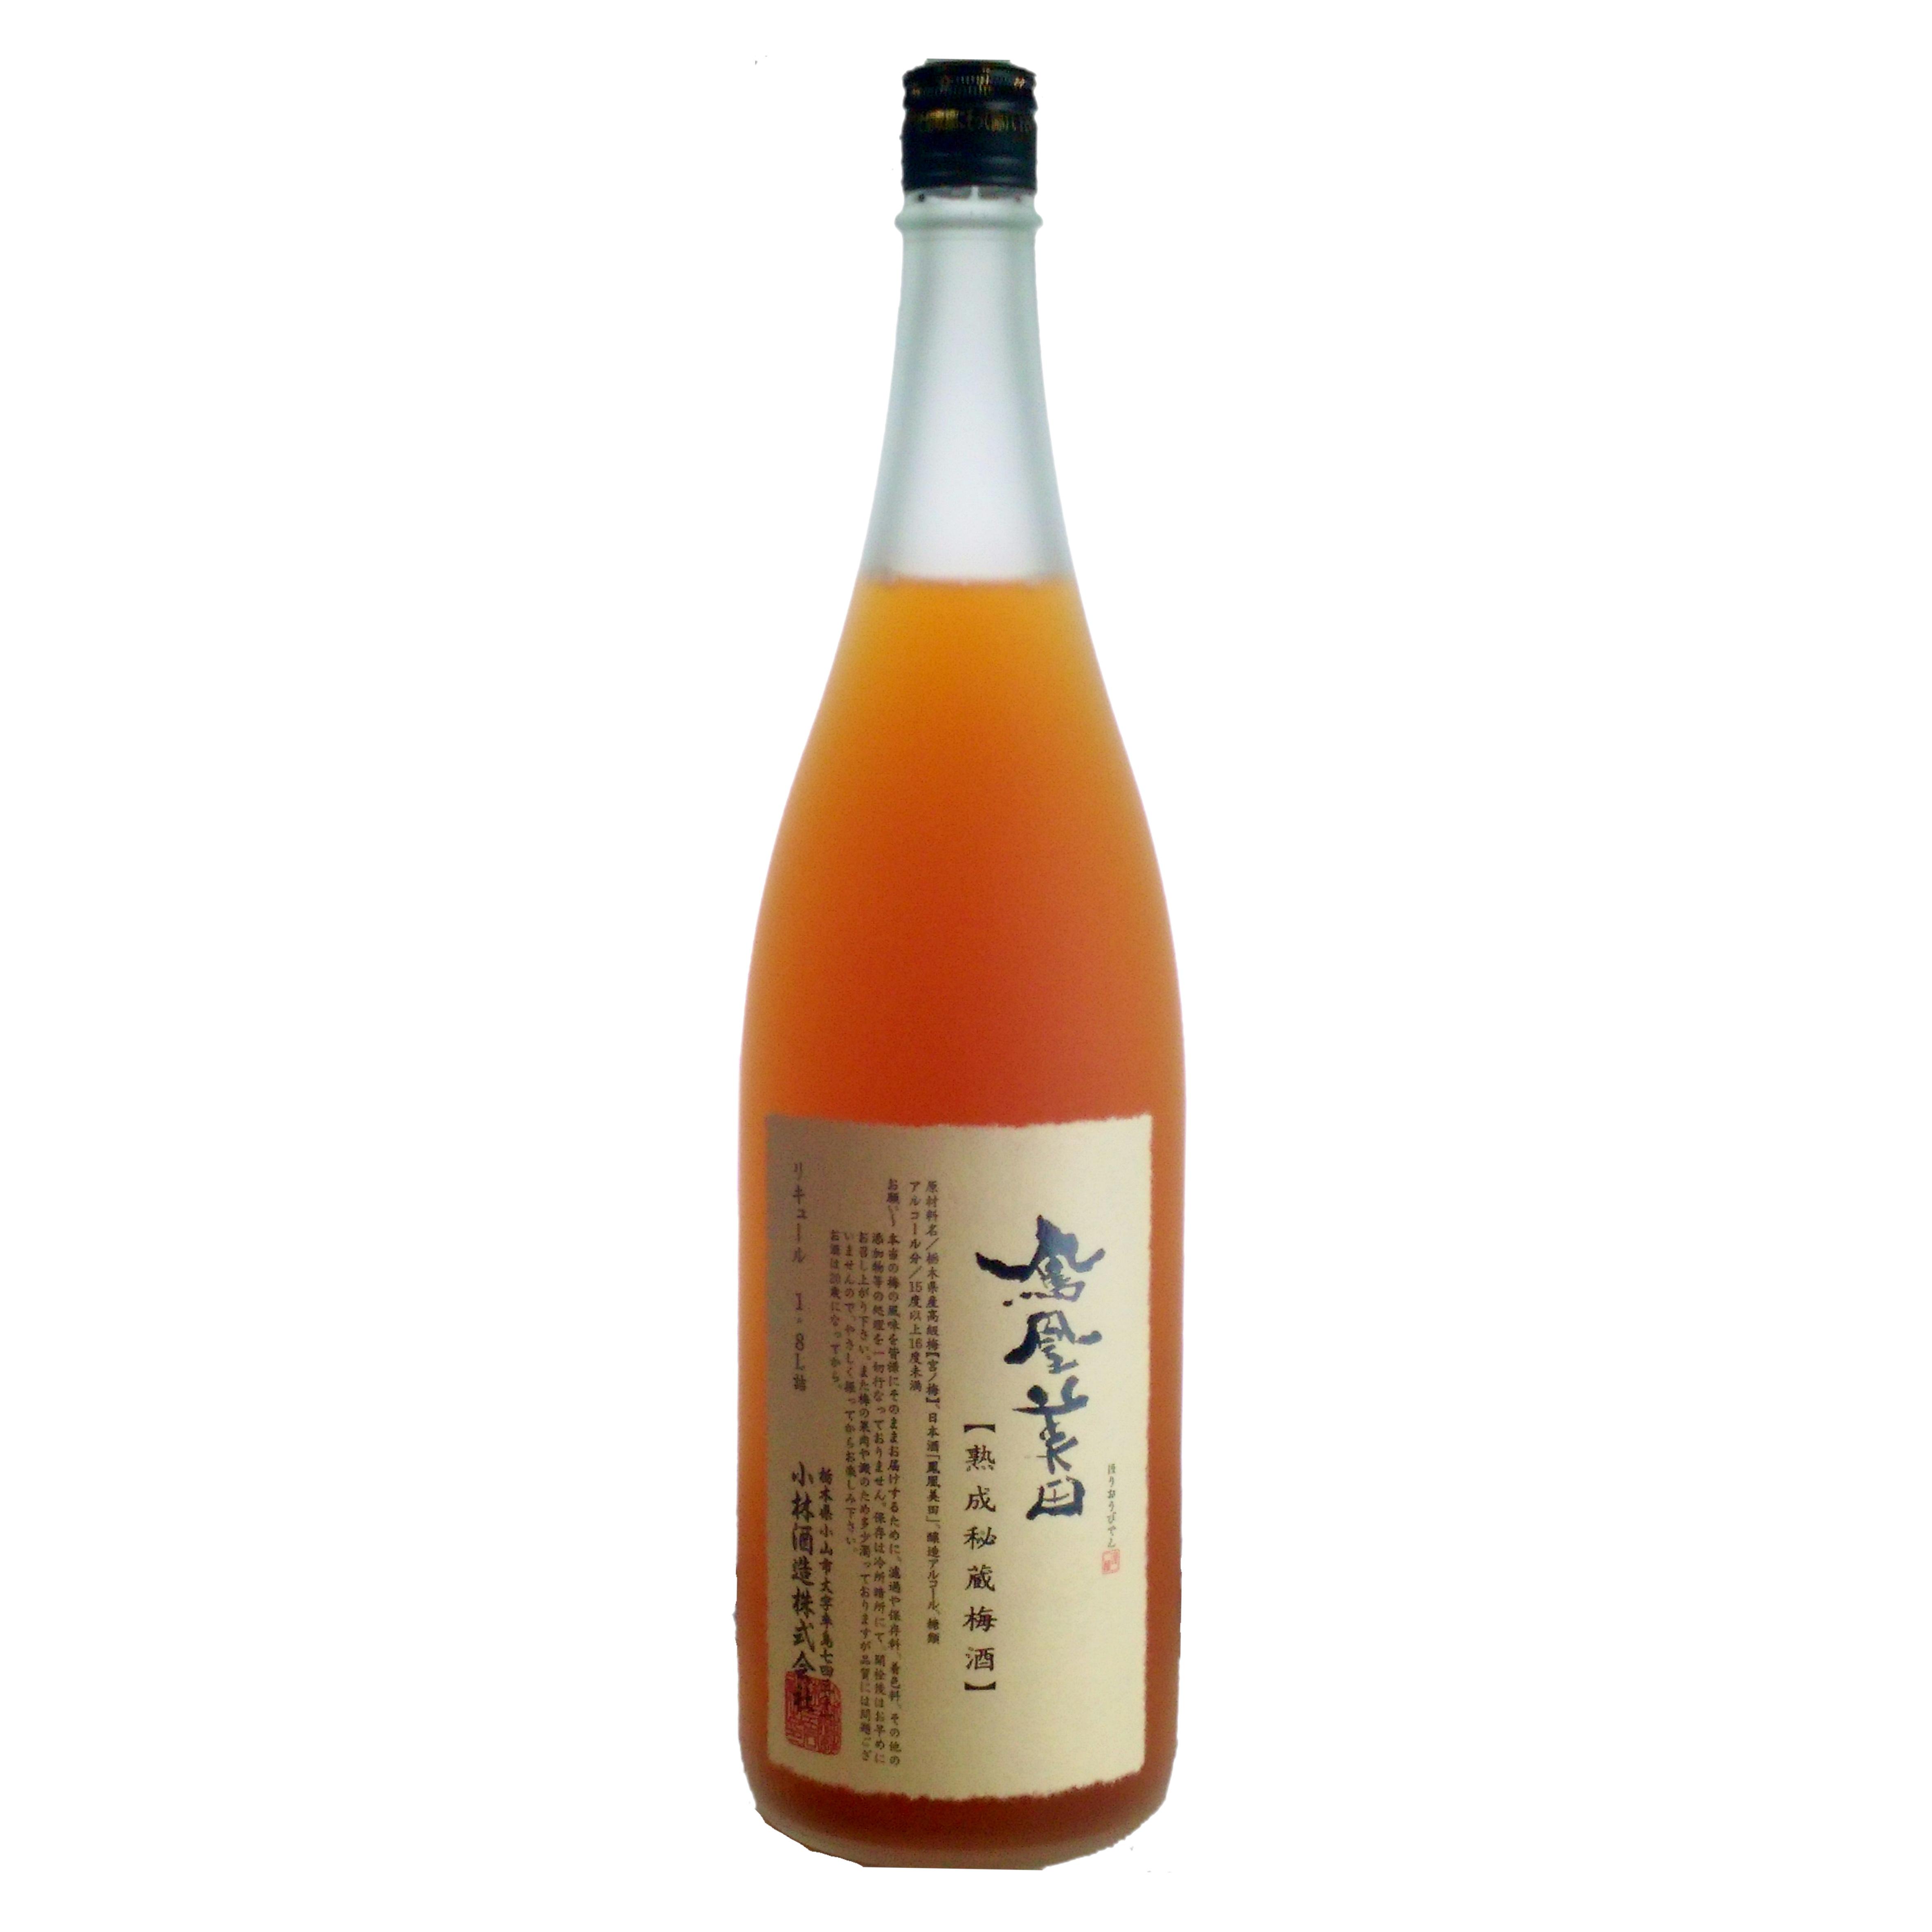 鳳凰美田 熟成秘蔵梅酒